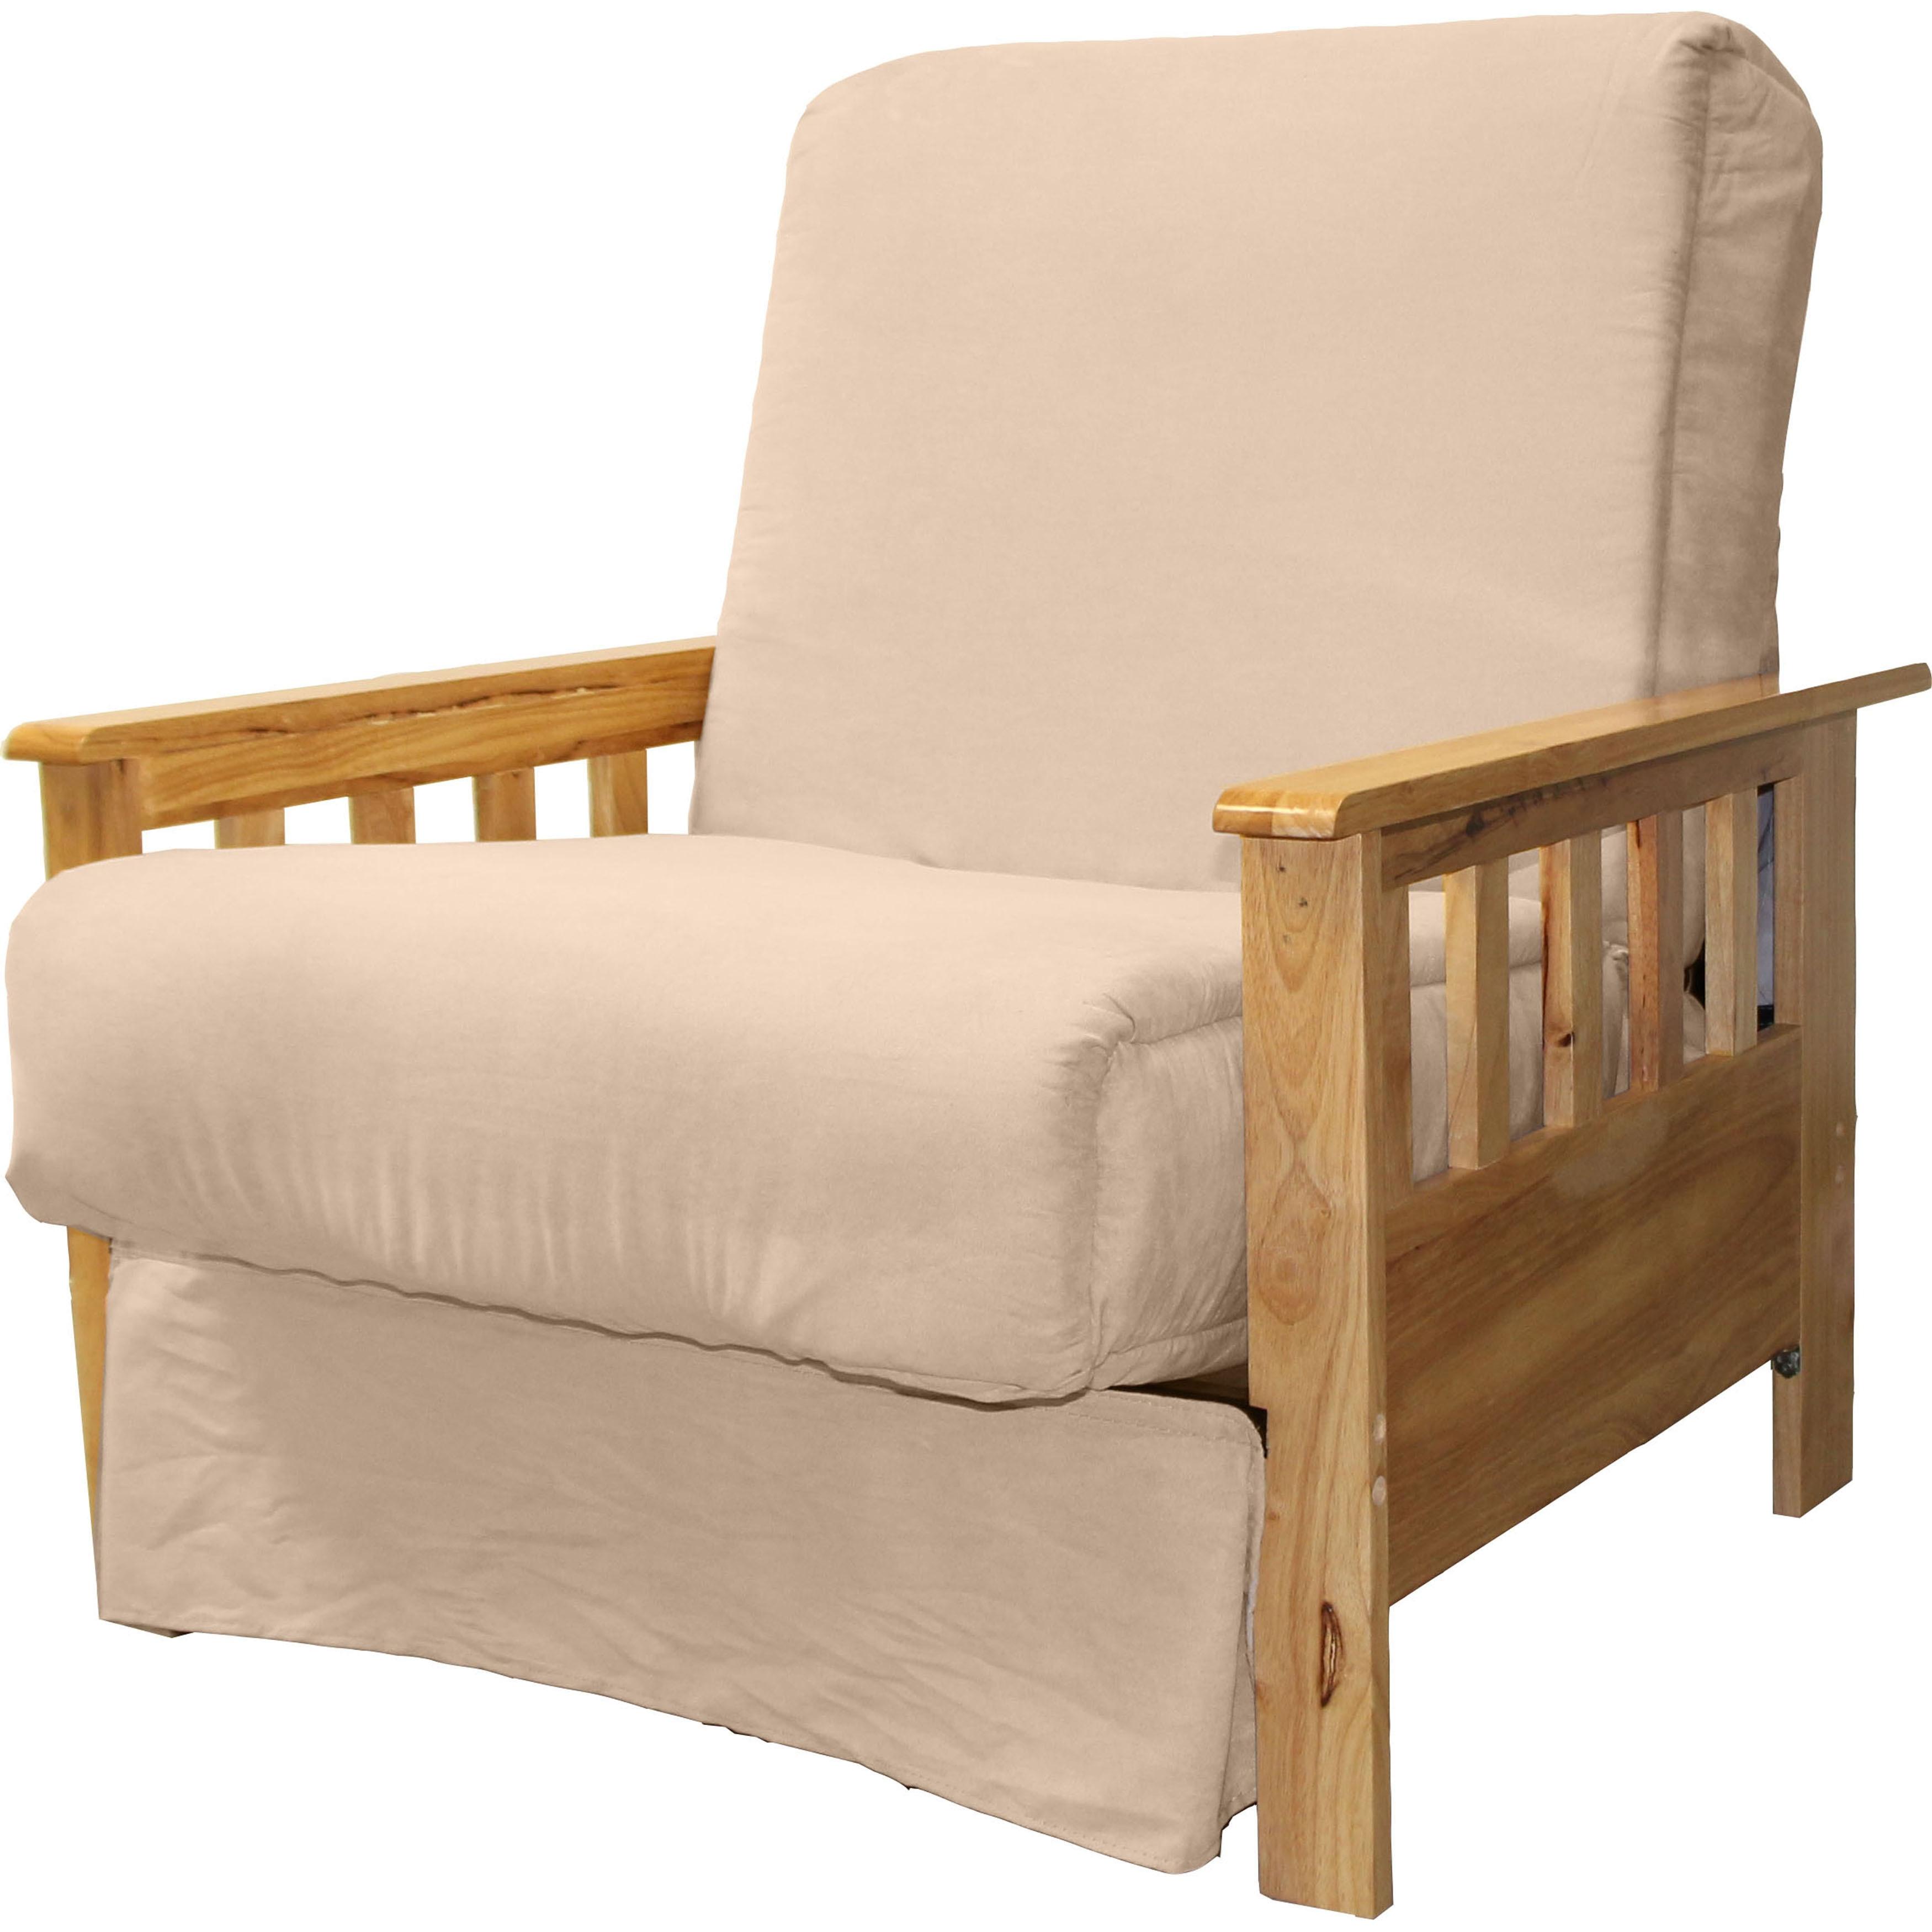 Elegant Chair Sleeper Furniture Designs Gallery